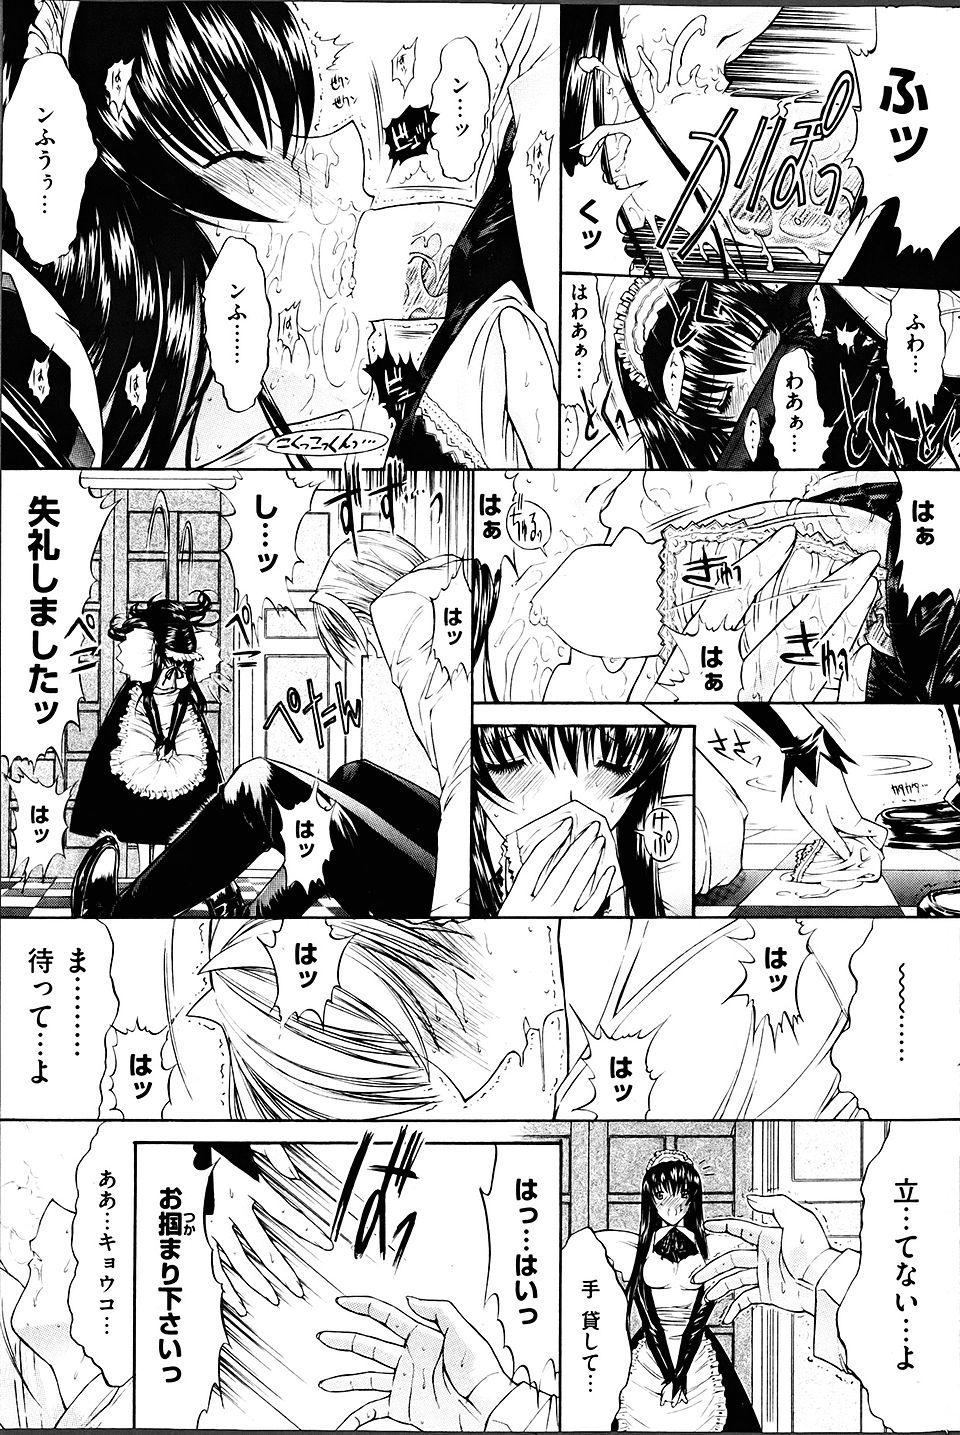 仲が良かった巨乳メイドが父親とエッチしてたから同じ事したったwww【エロ漫画・エロ同人誌】 (13)